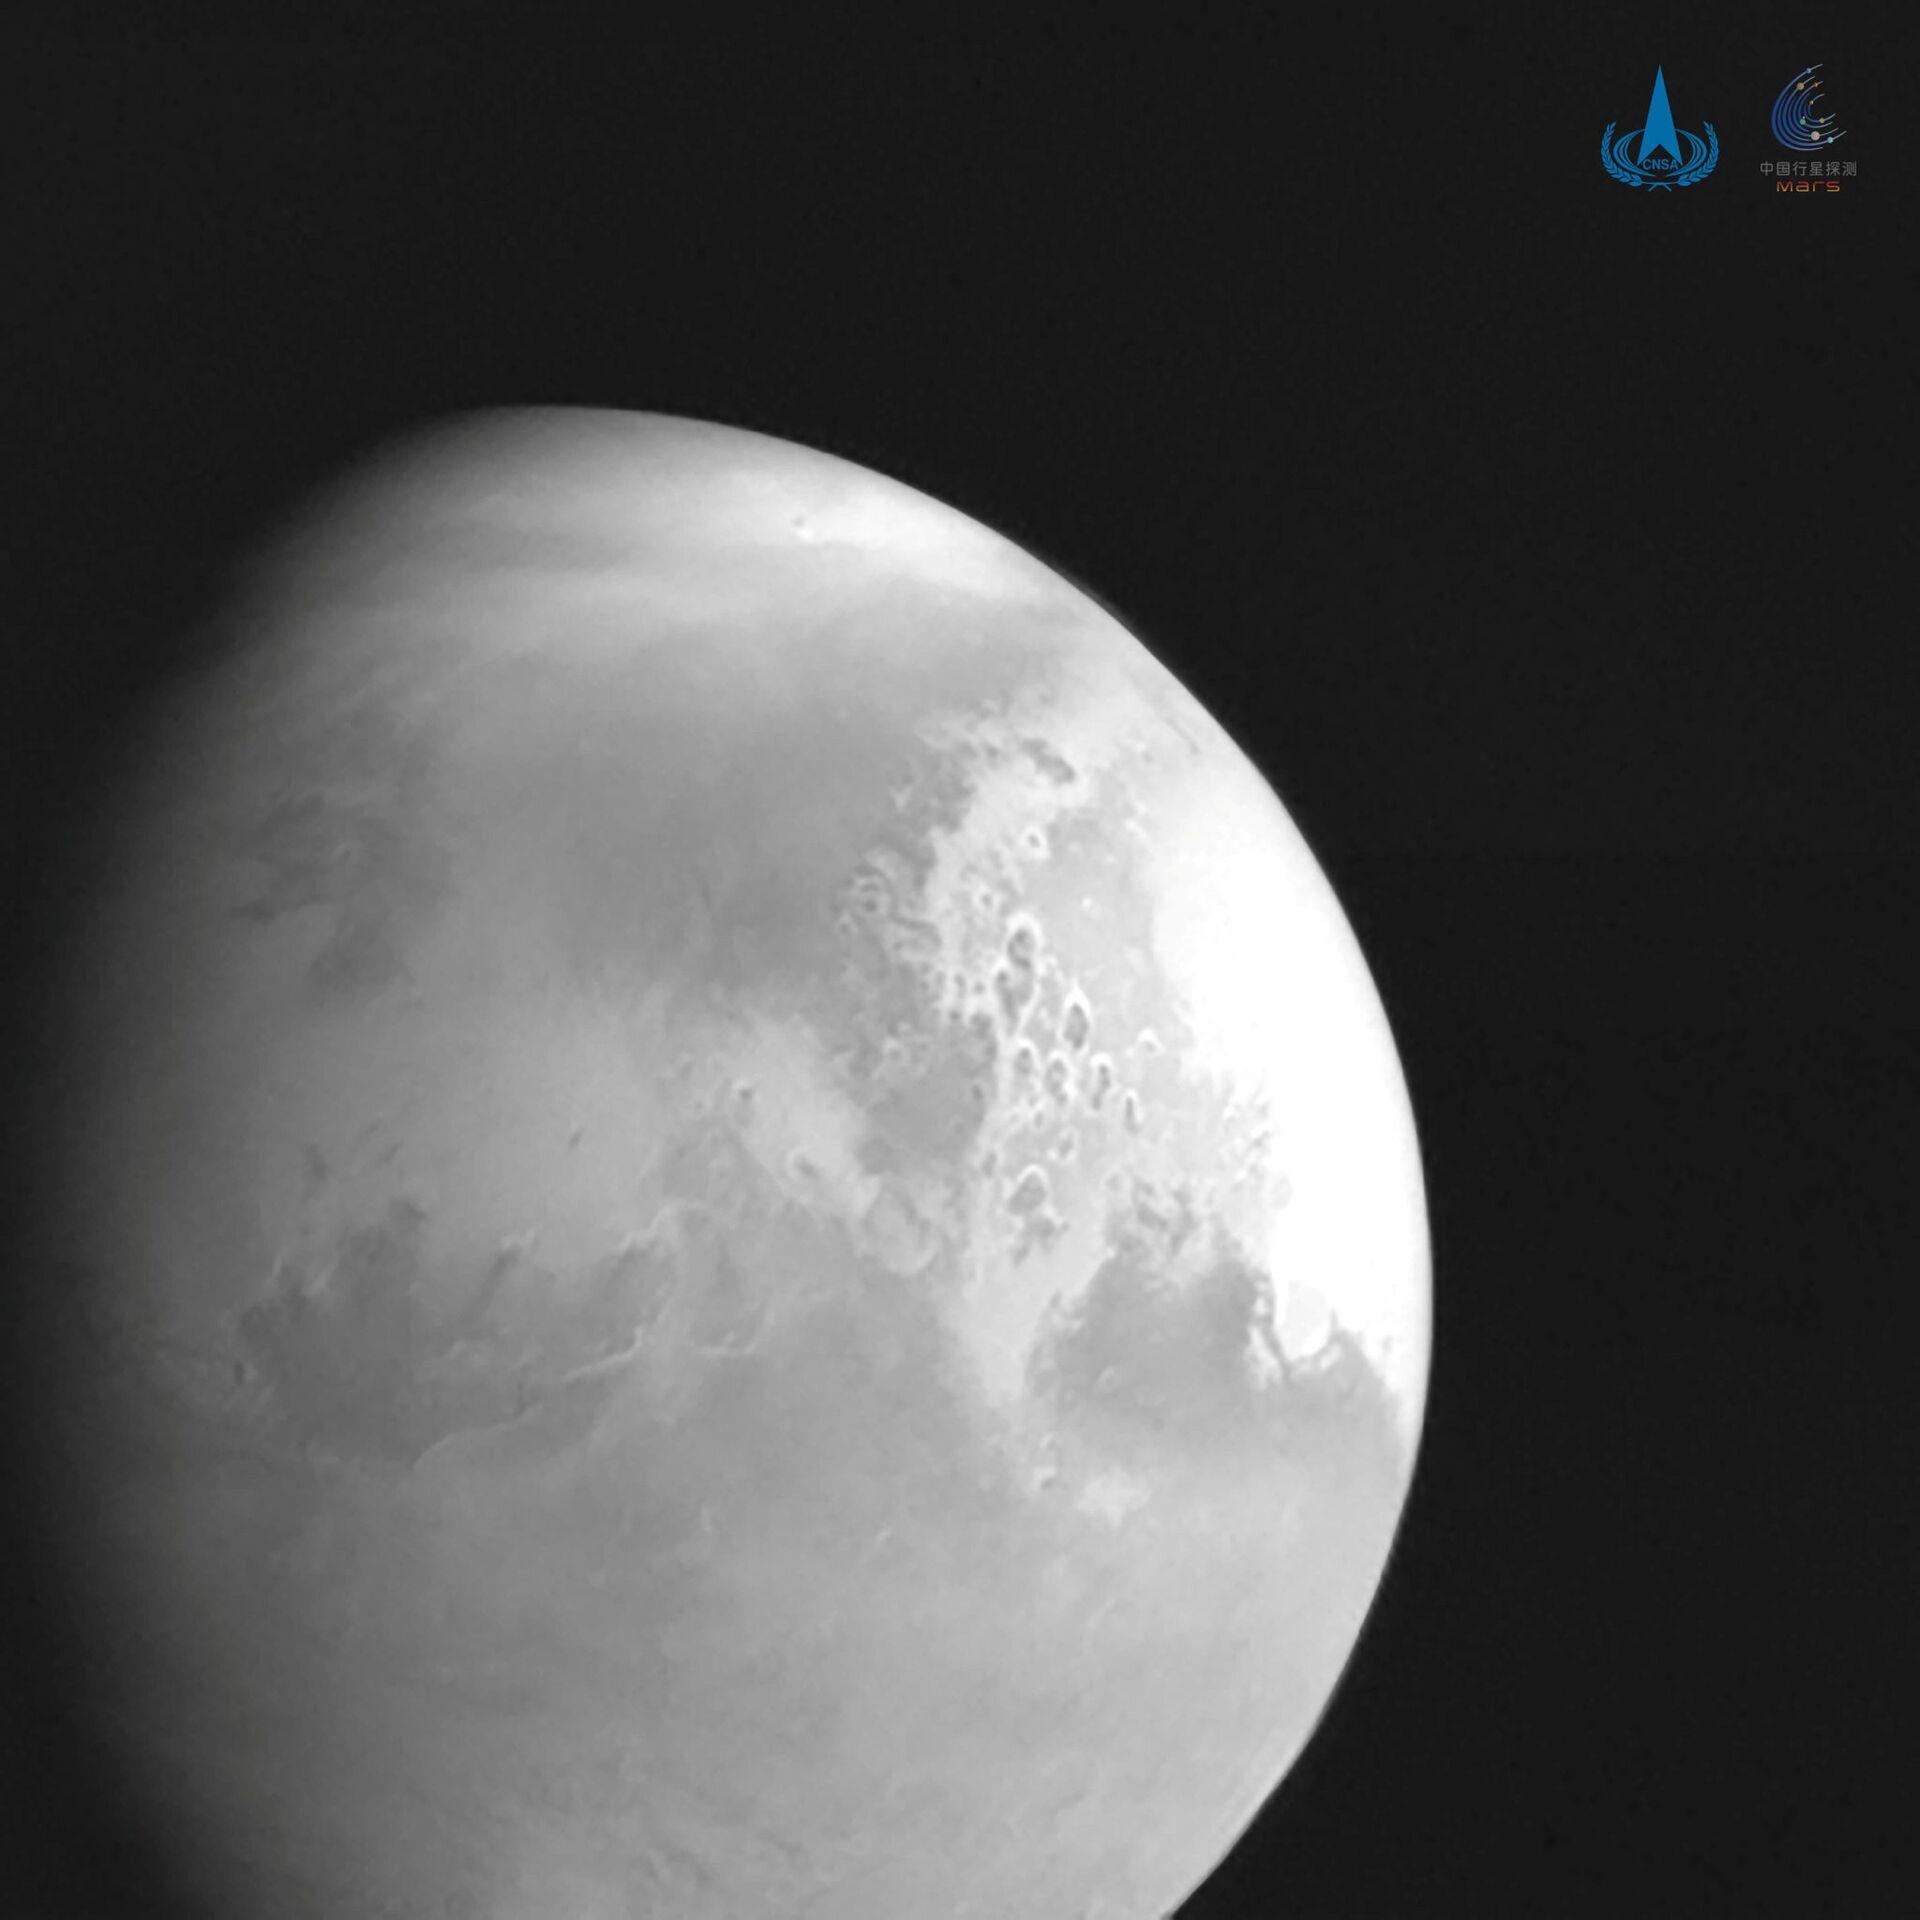 La primera imagen de Marte tomada por la sonda china Tianwen-1 - Sputnik Mundo, 1920, 11.02.2021